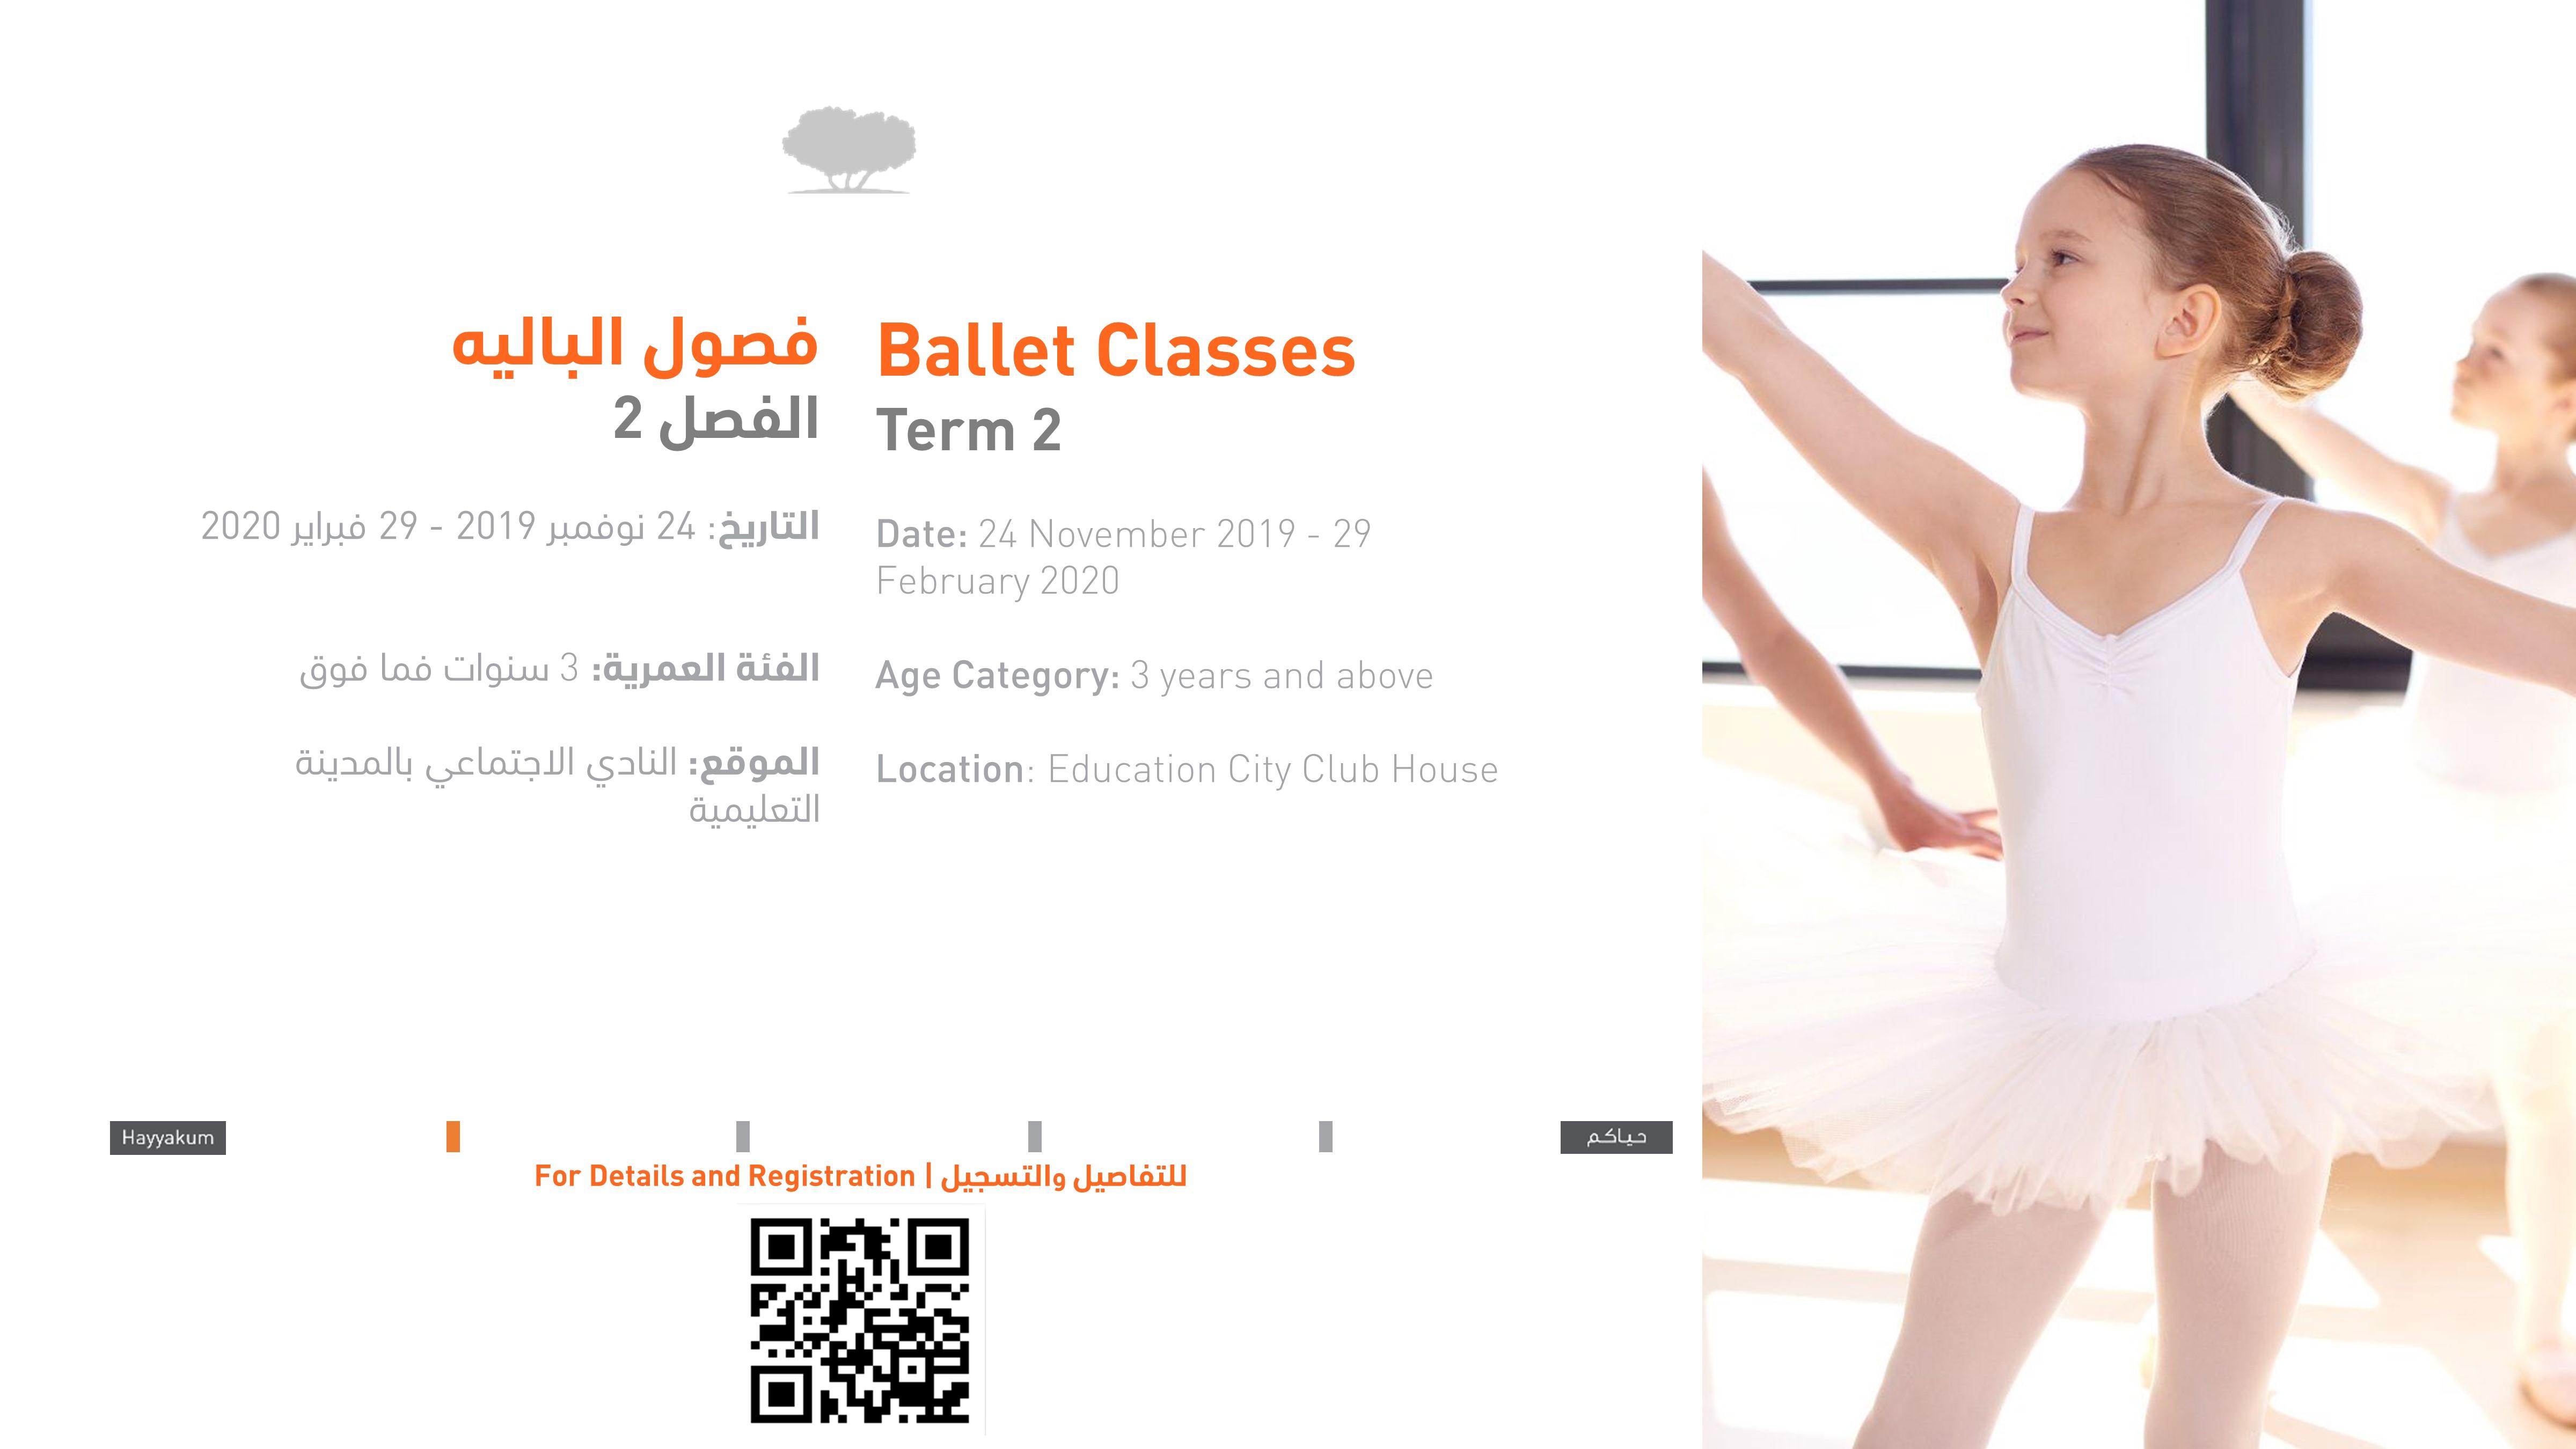 Qatar Foundation Ballet Class- Term 2